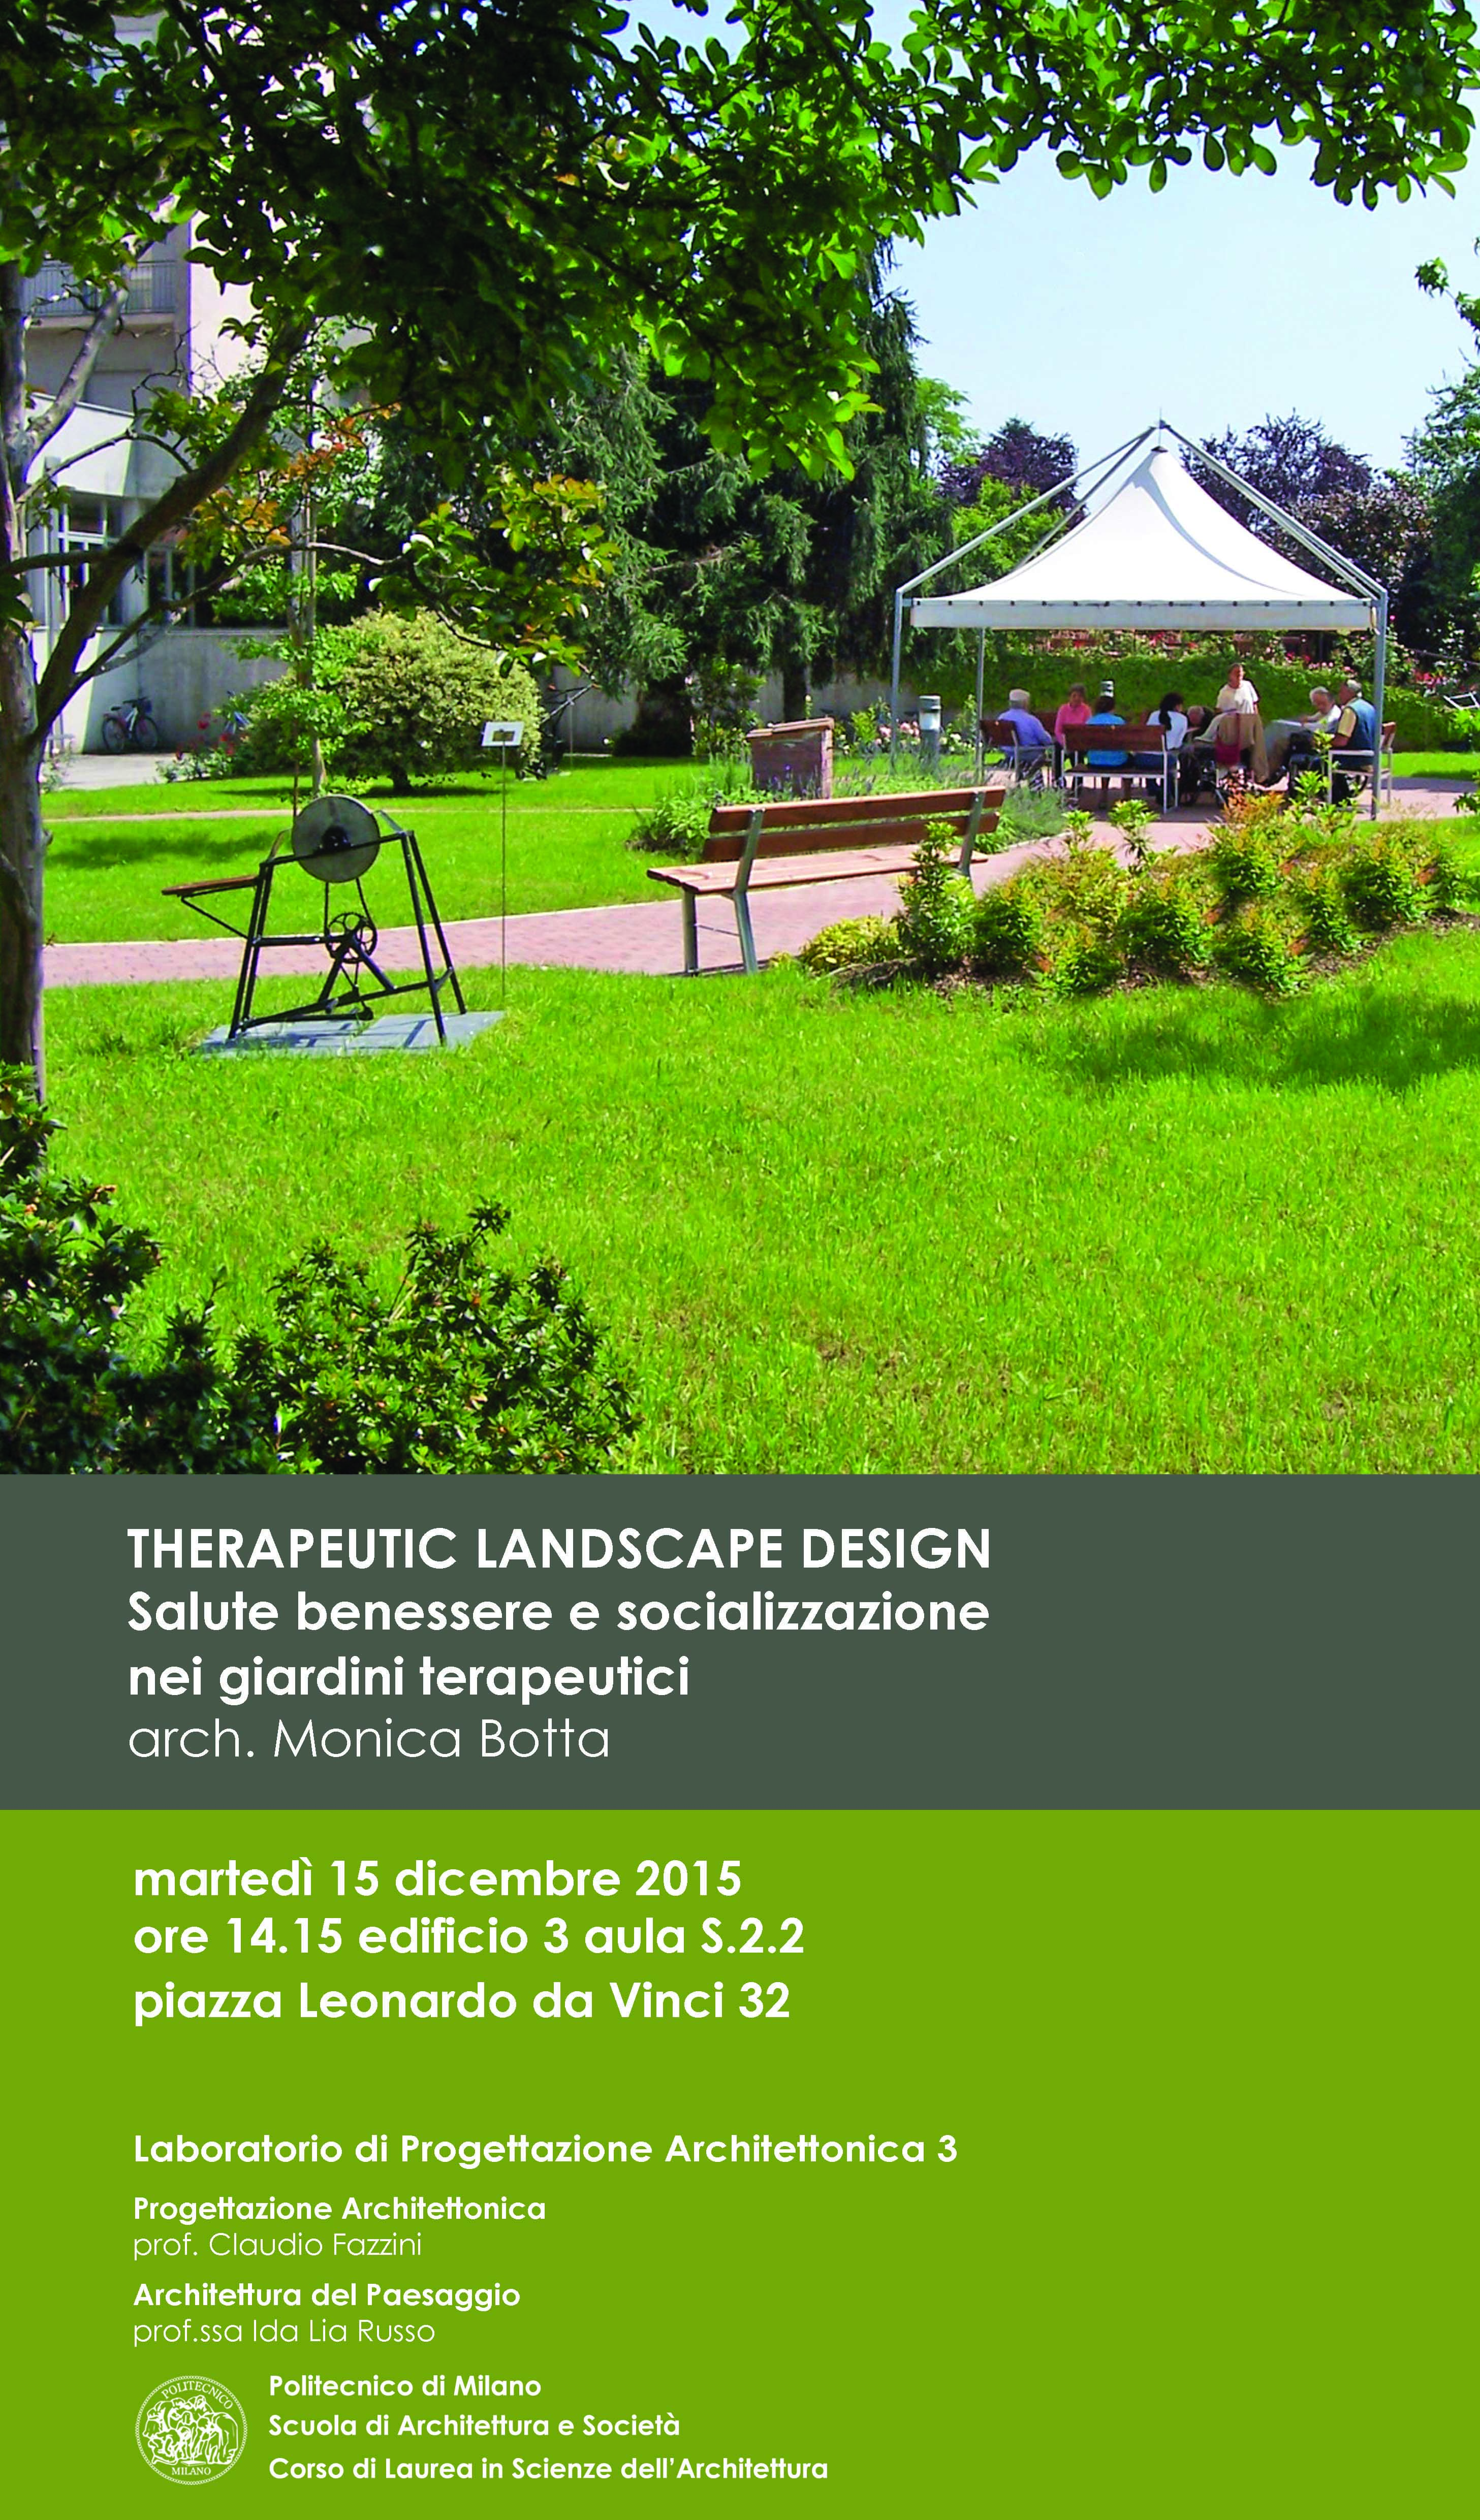 Therapeutic landscape design salute benessere e - Monica botta ...